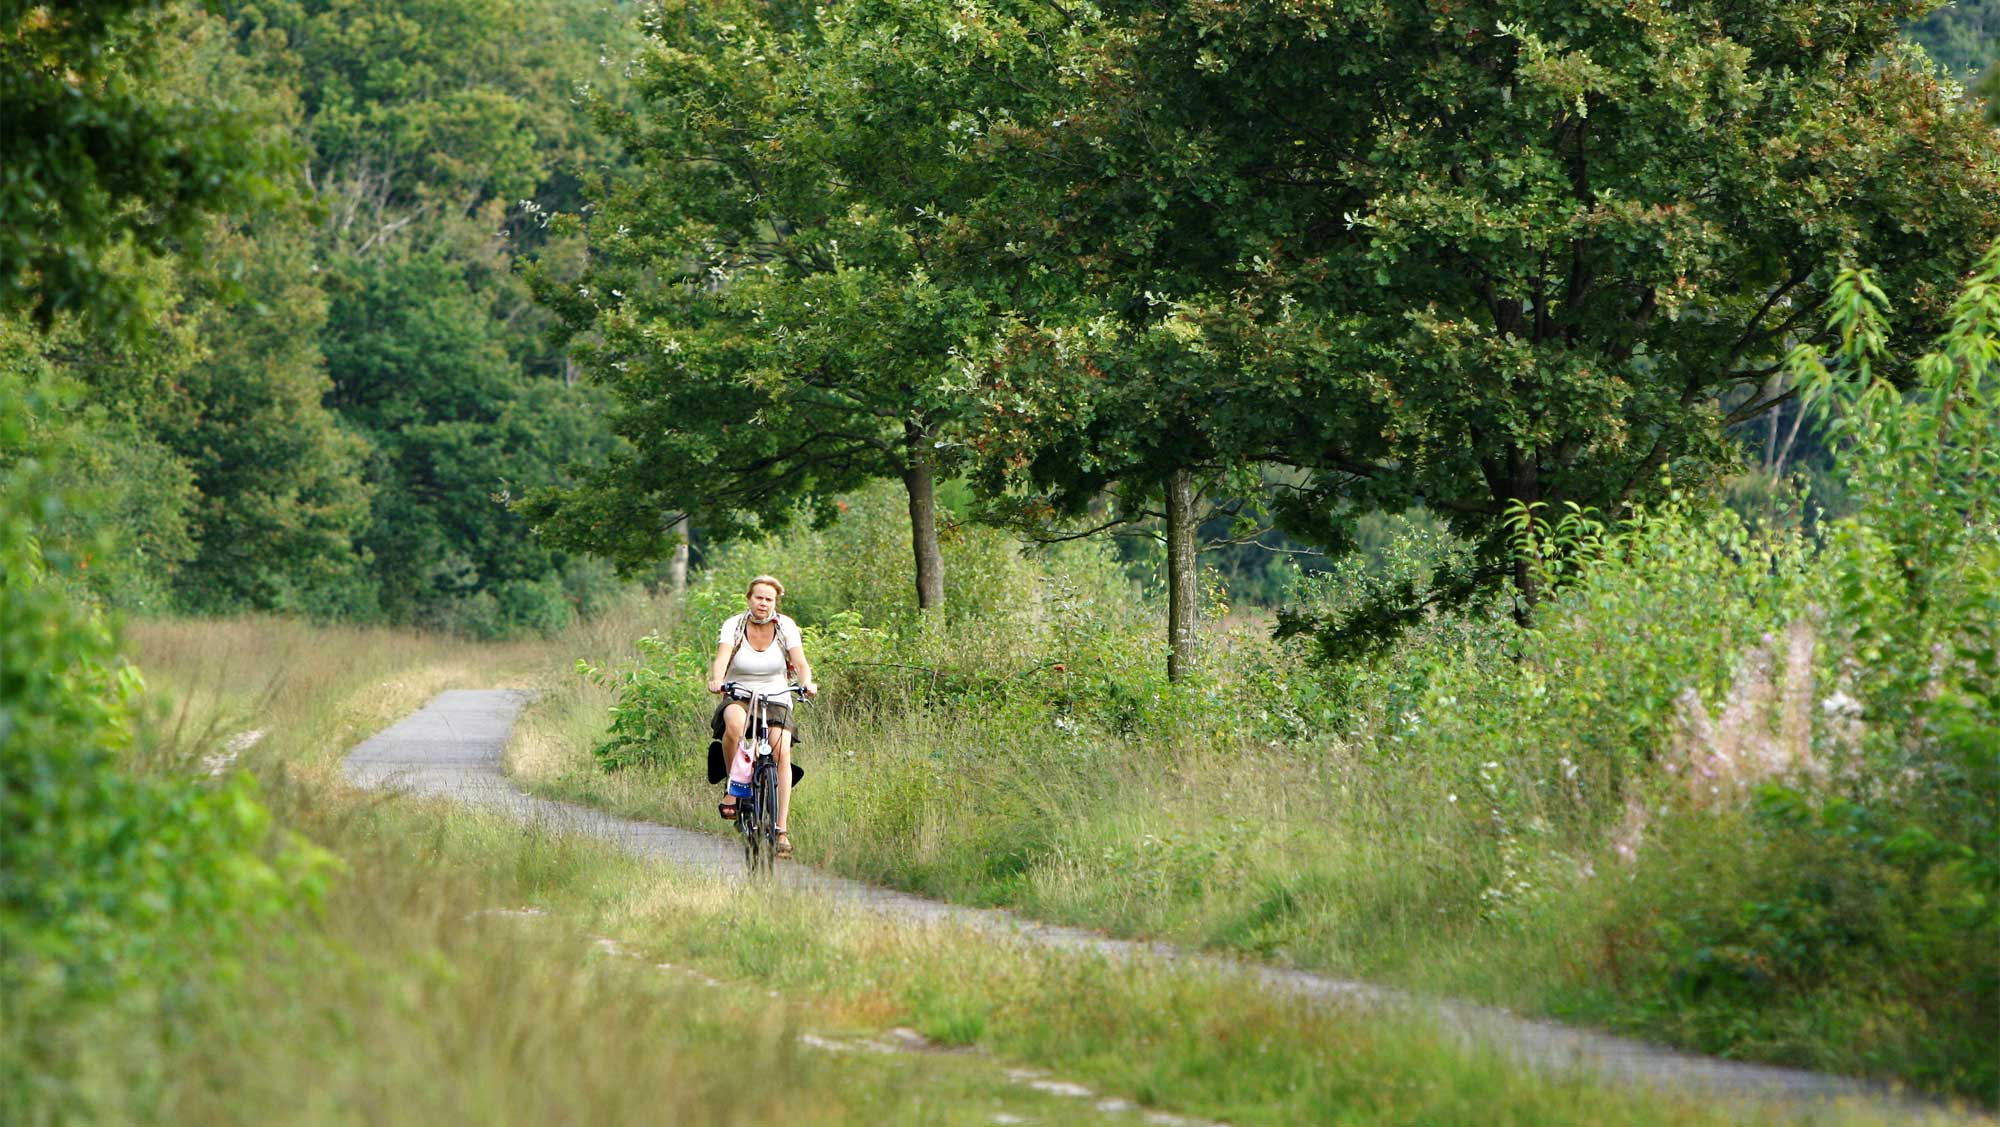 Omgeving Molecaten Park Kuierpad Drenthe 03 fietsen